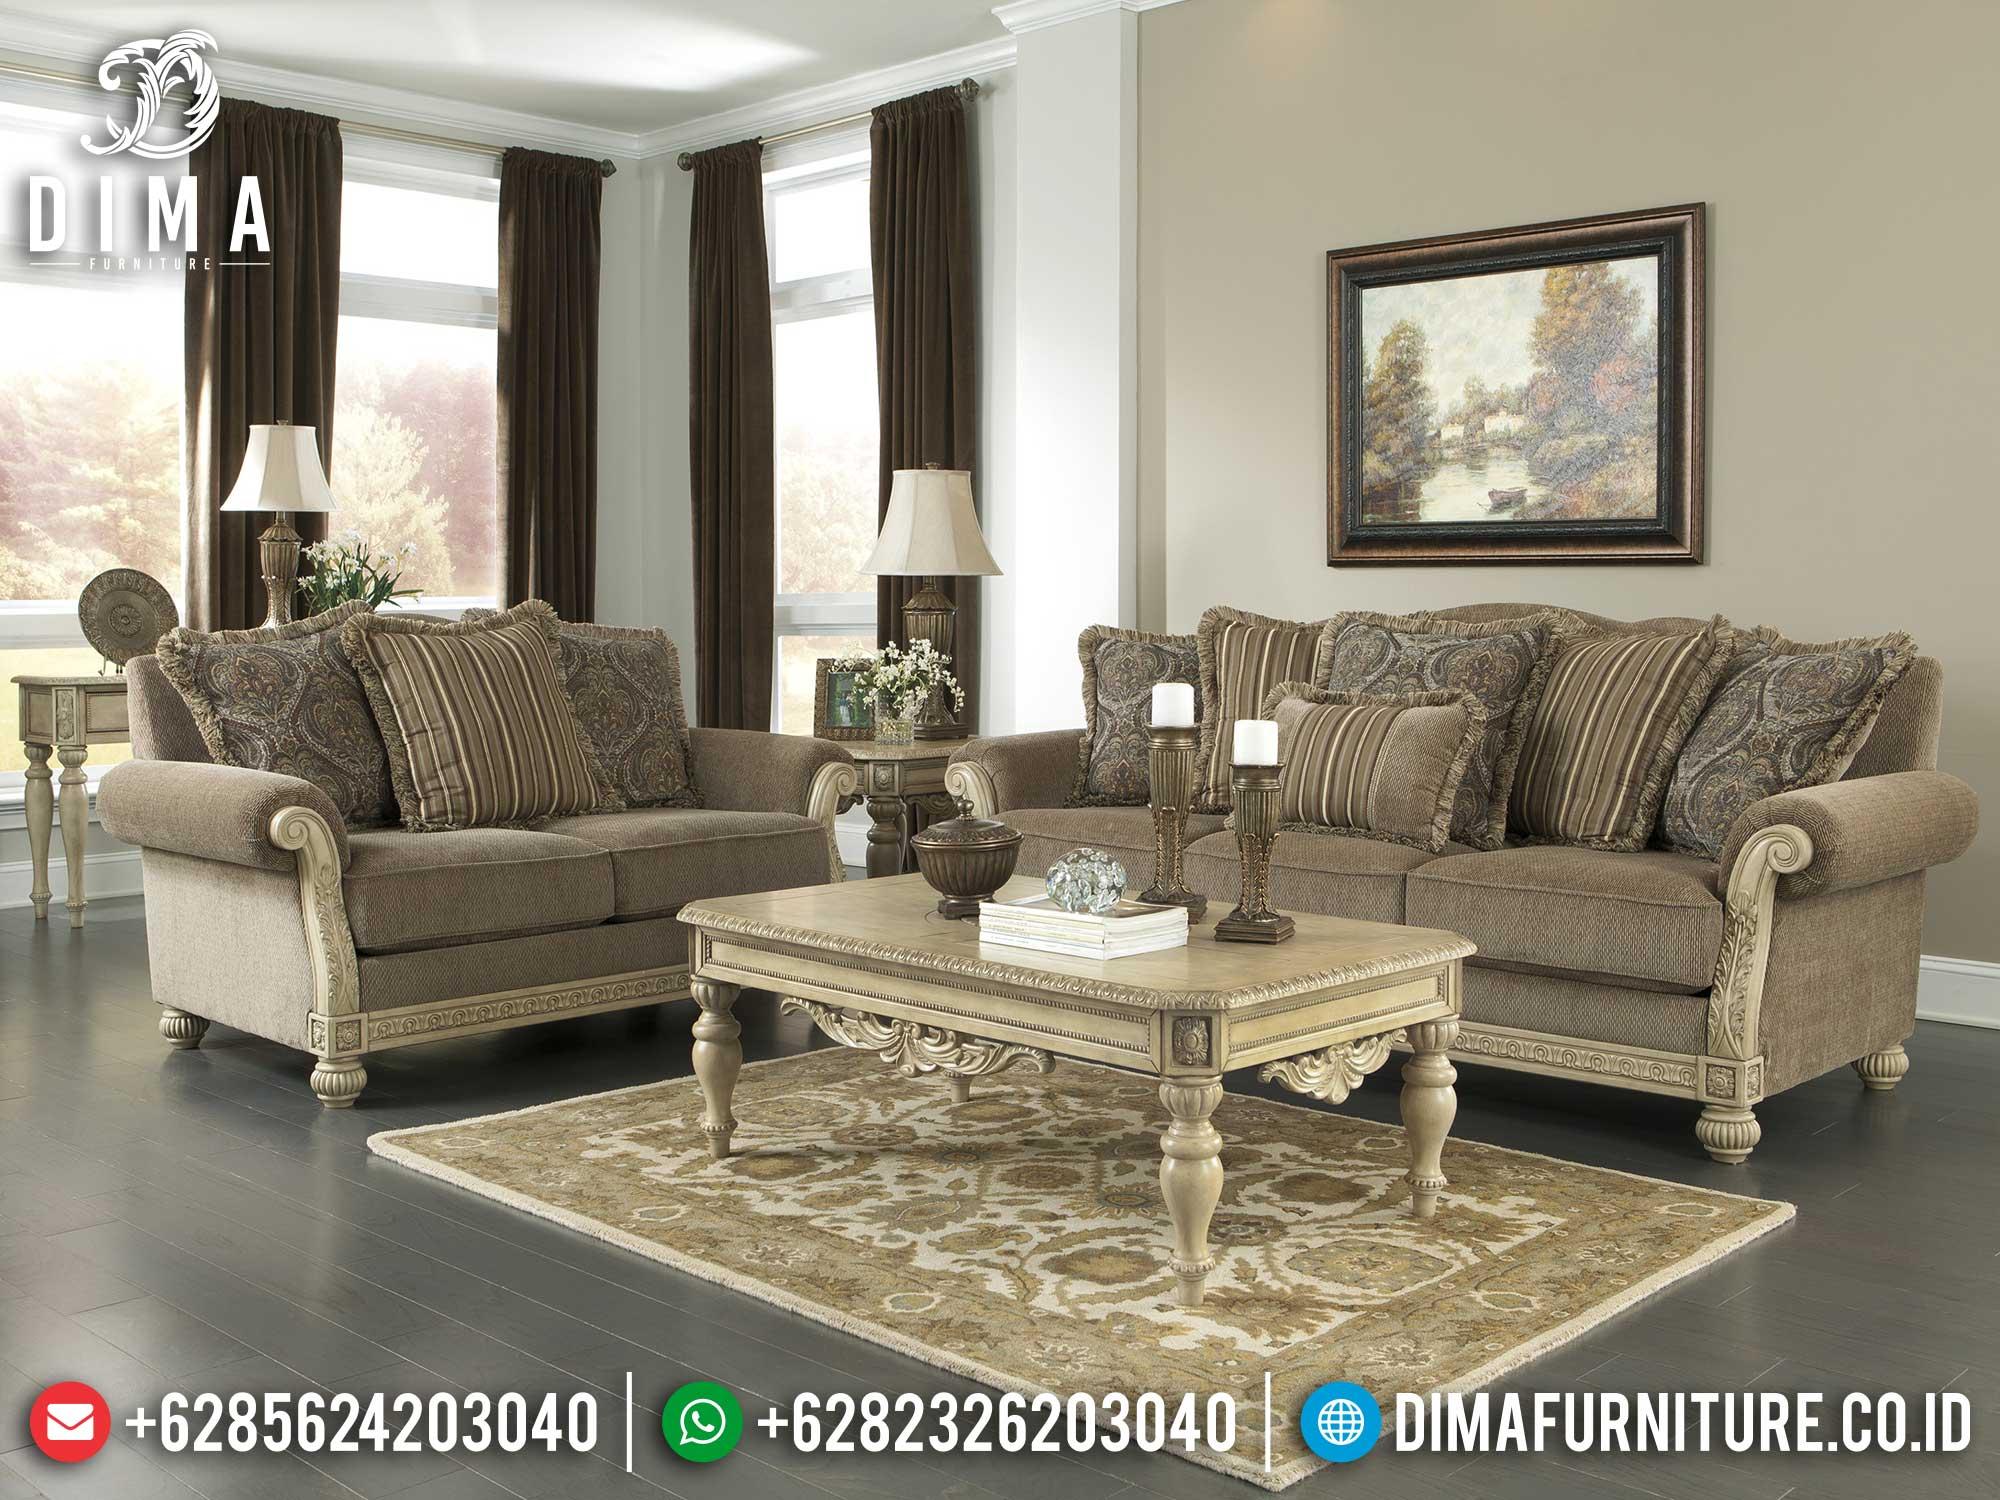 Desain Sofa Tamu Mewah Jepara Luxurious New Living Room Set Mm-0900